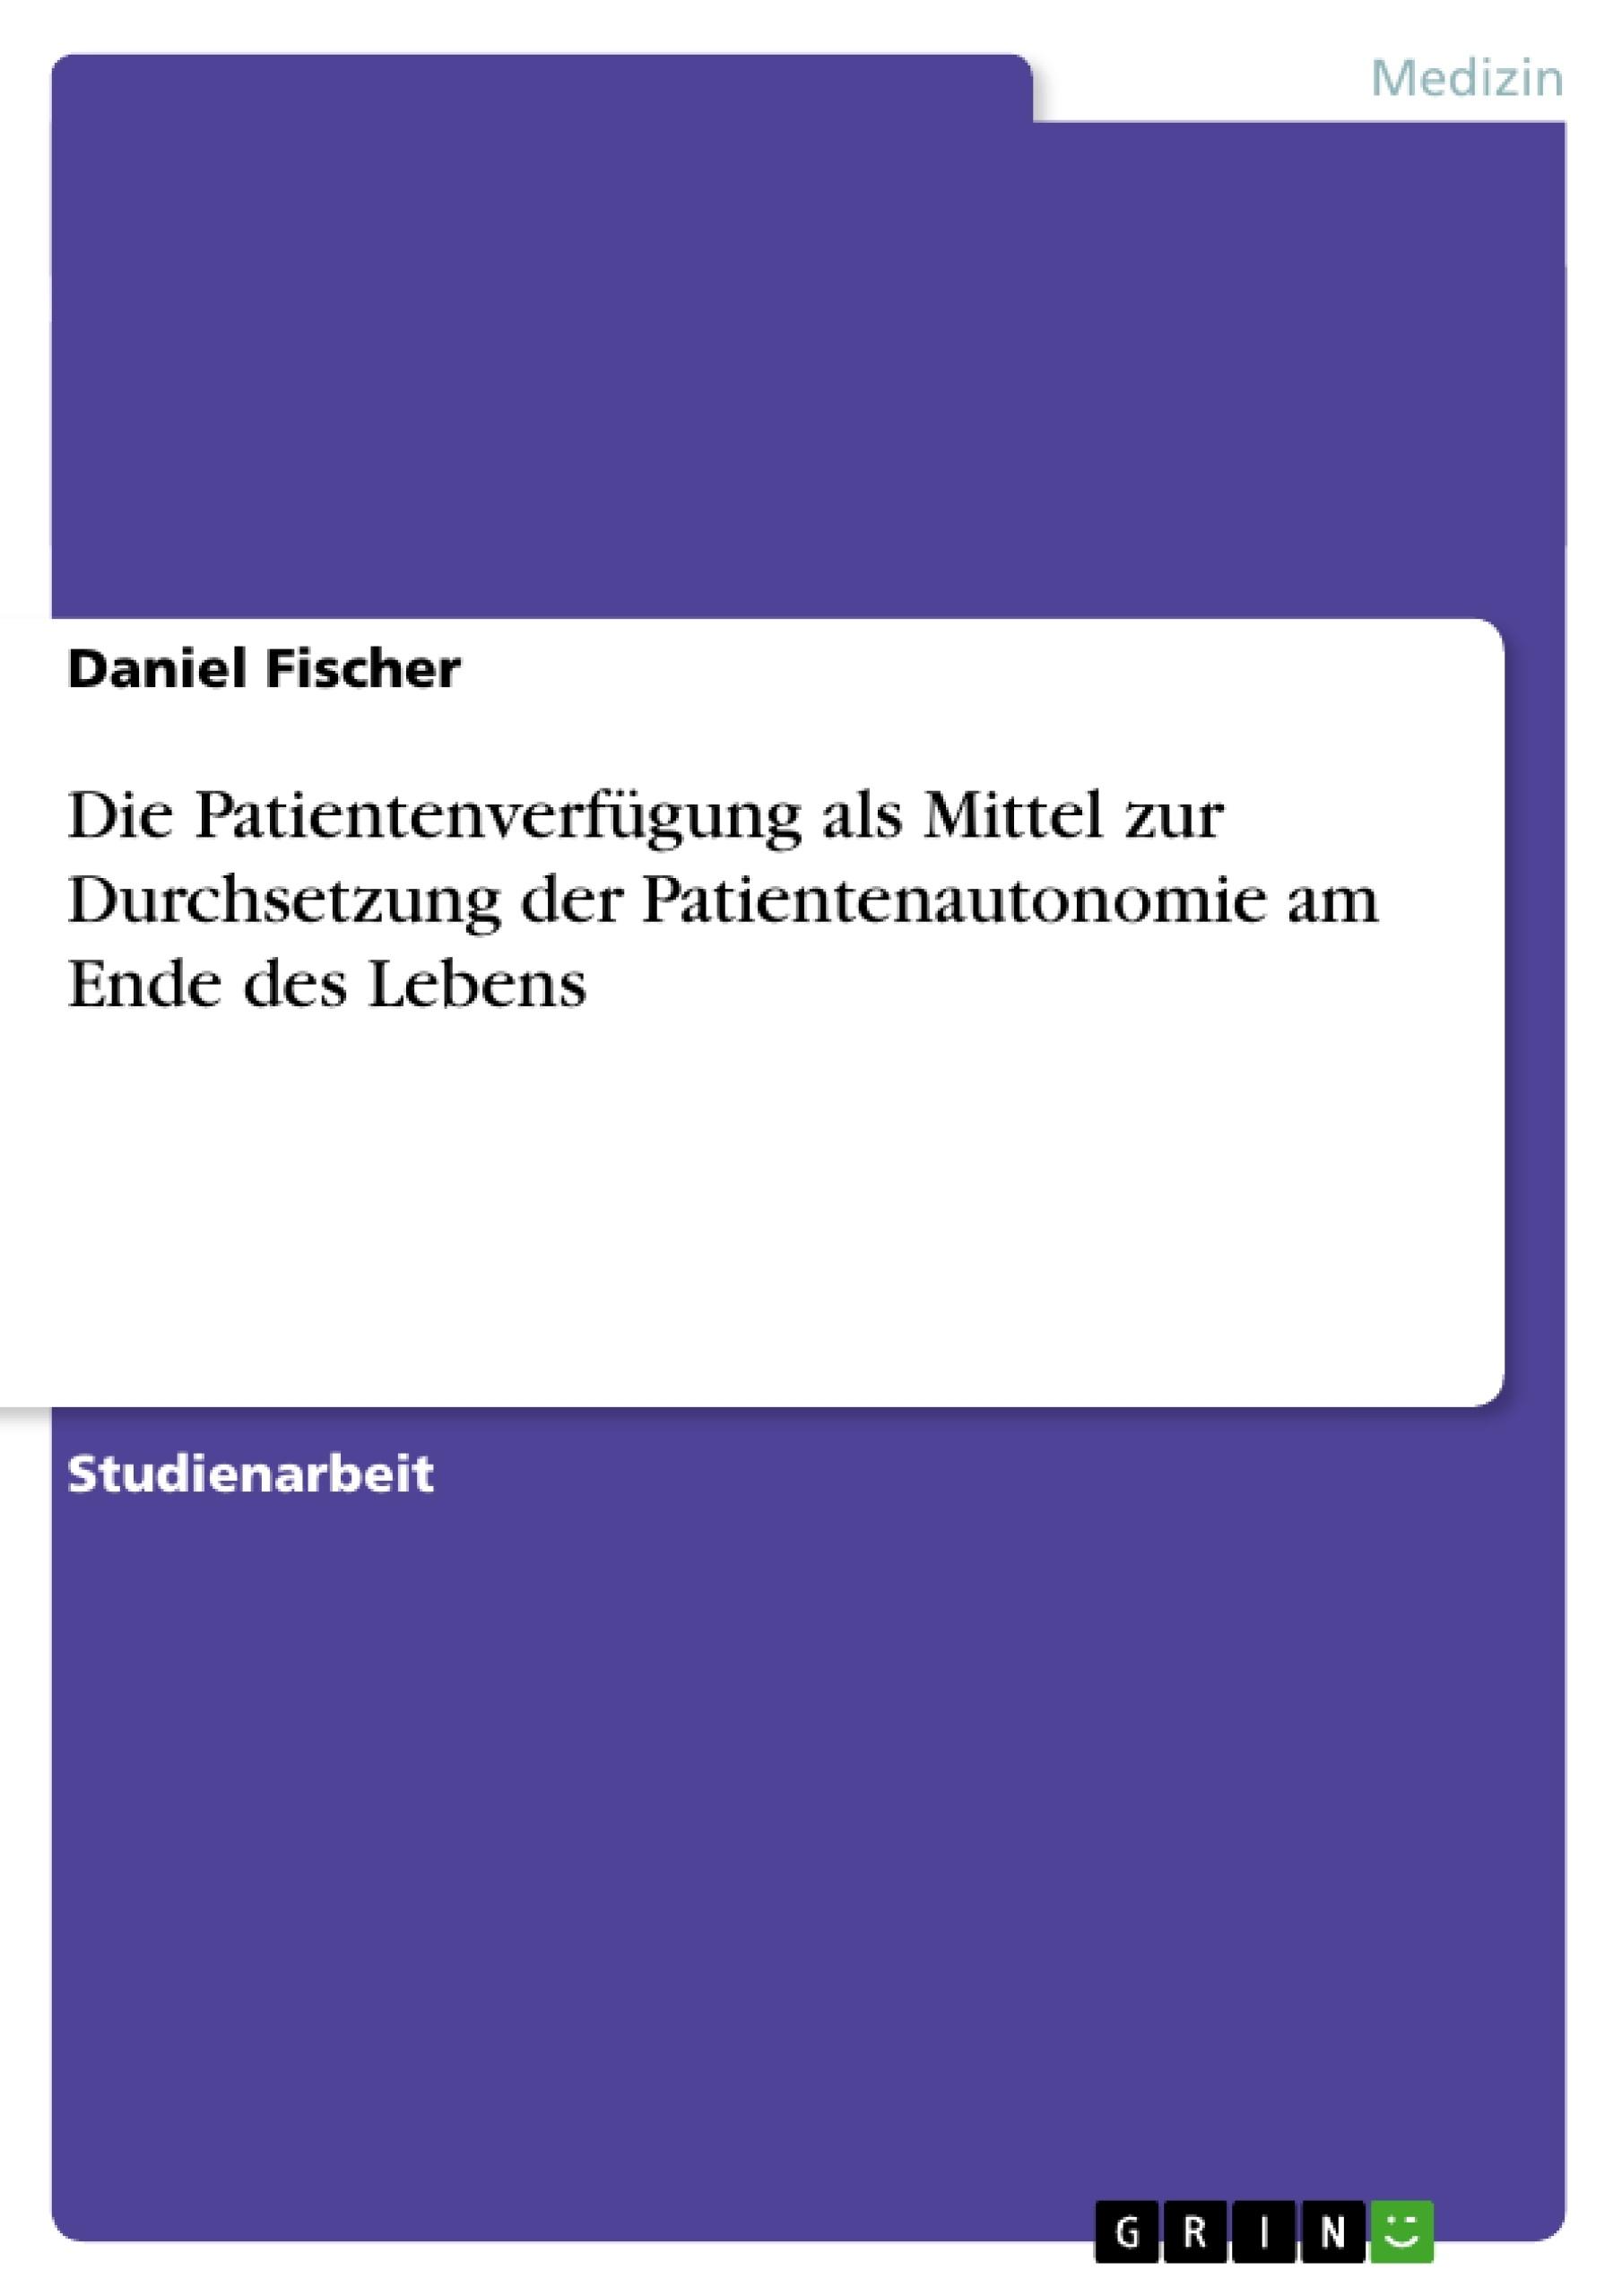 Titel: Die Patientenverfügung als Mittel zur Durchsetzung der Patientenautonomie am Ende des Lebens